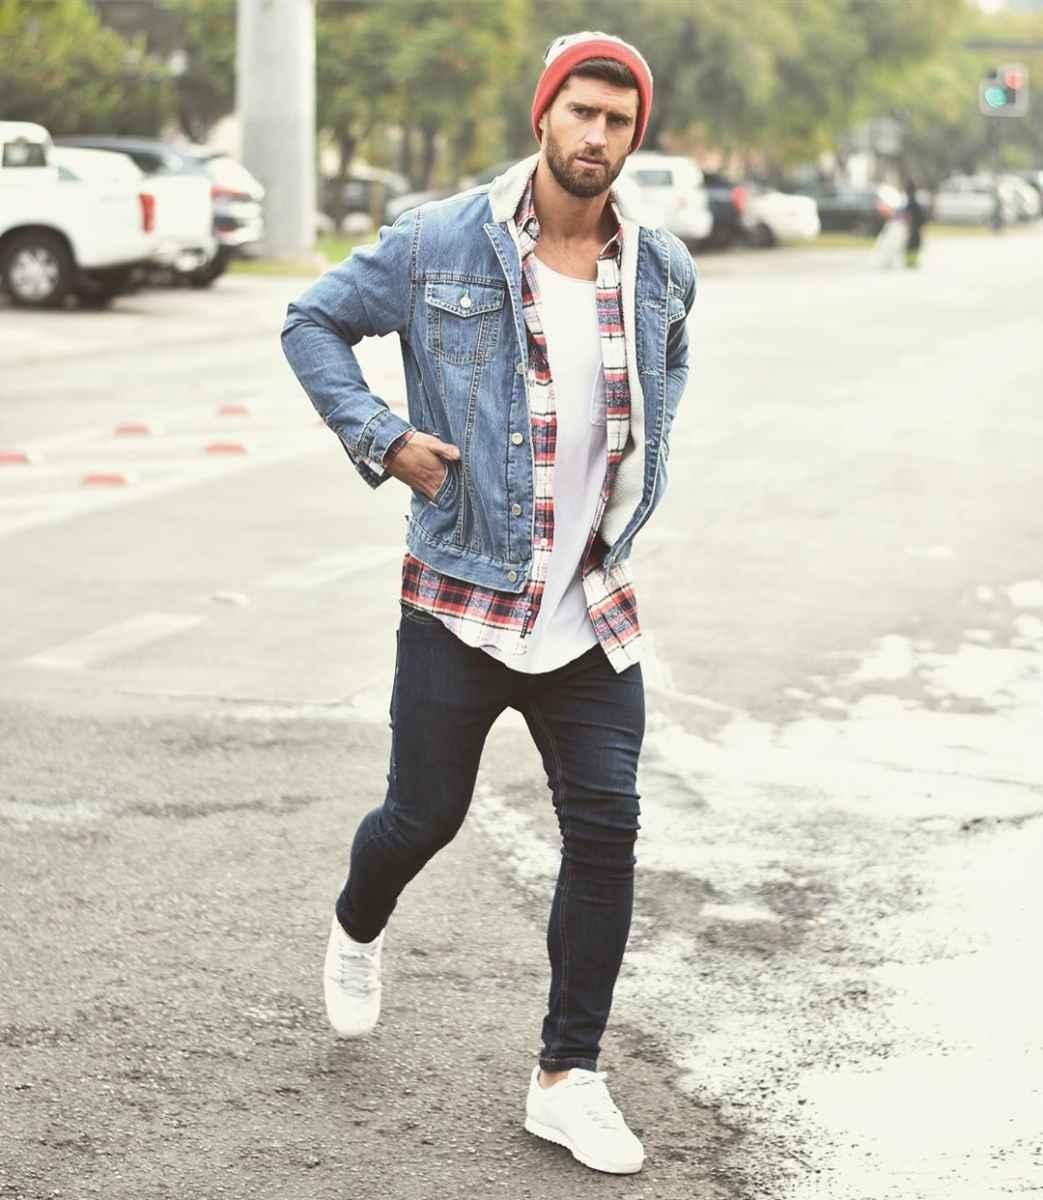 С чем носить джинсовую куртку мужчинам фото_17